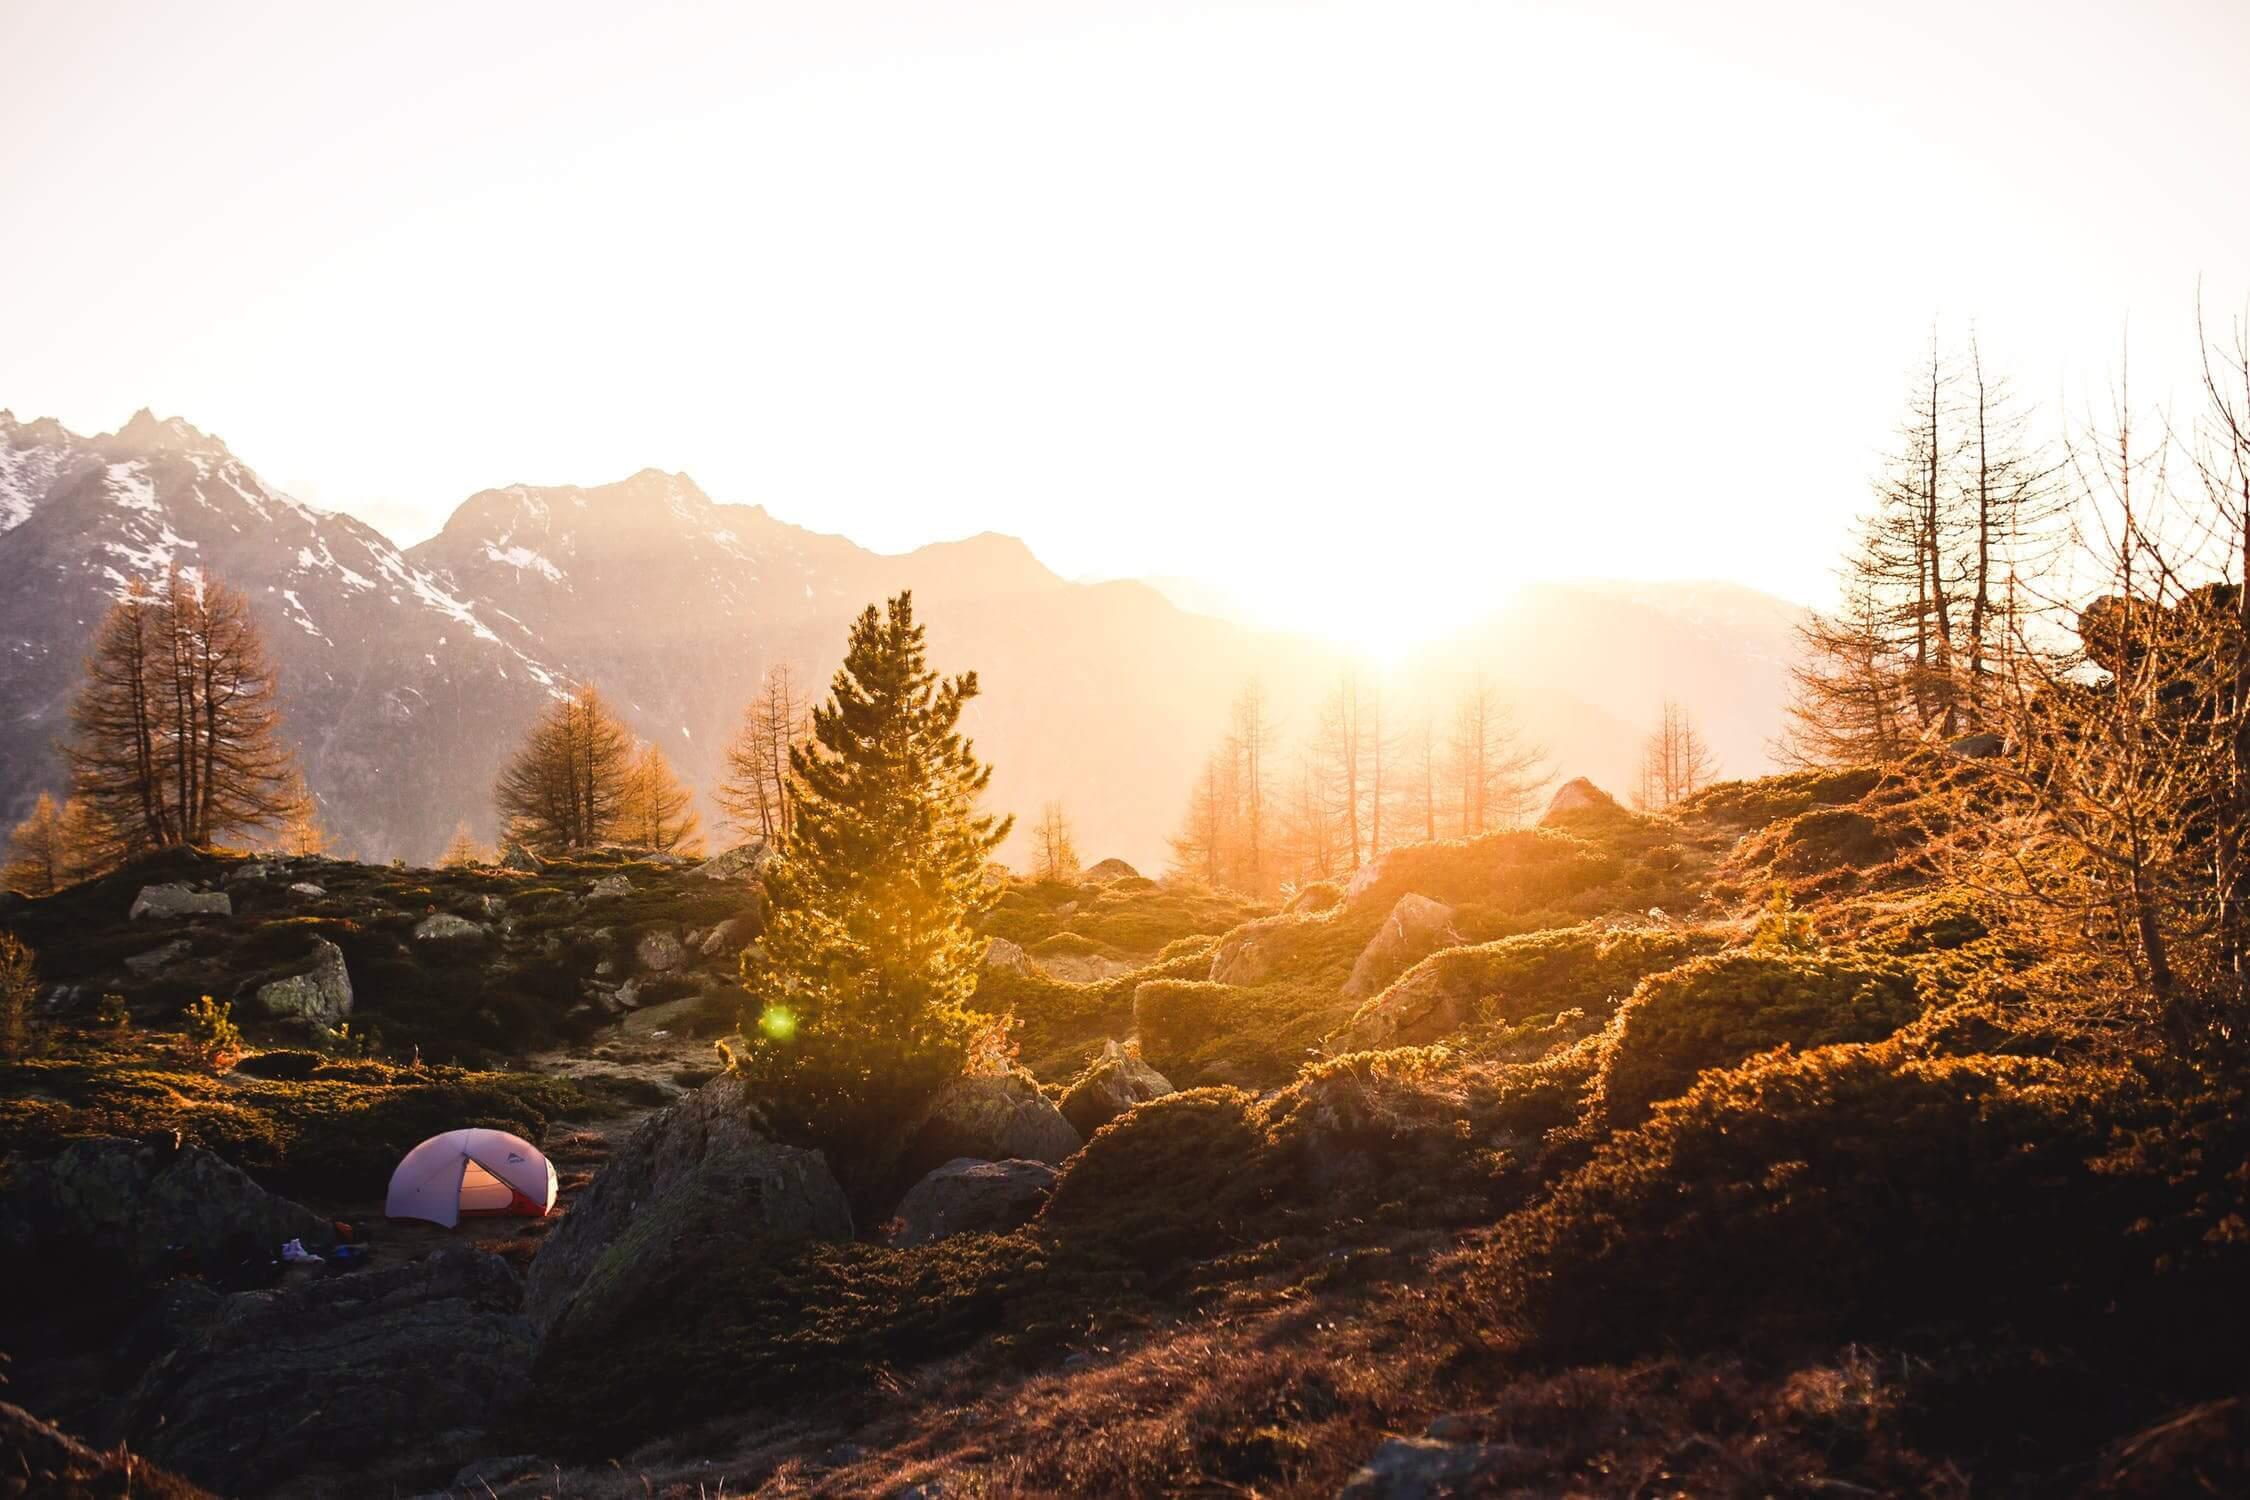 Sunrise - Fullscreen Lightbox